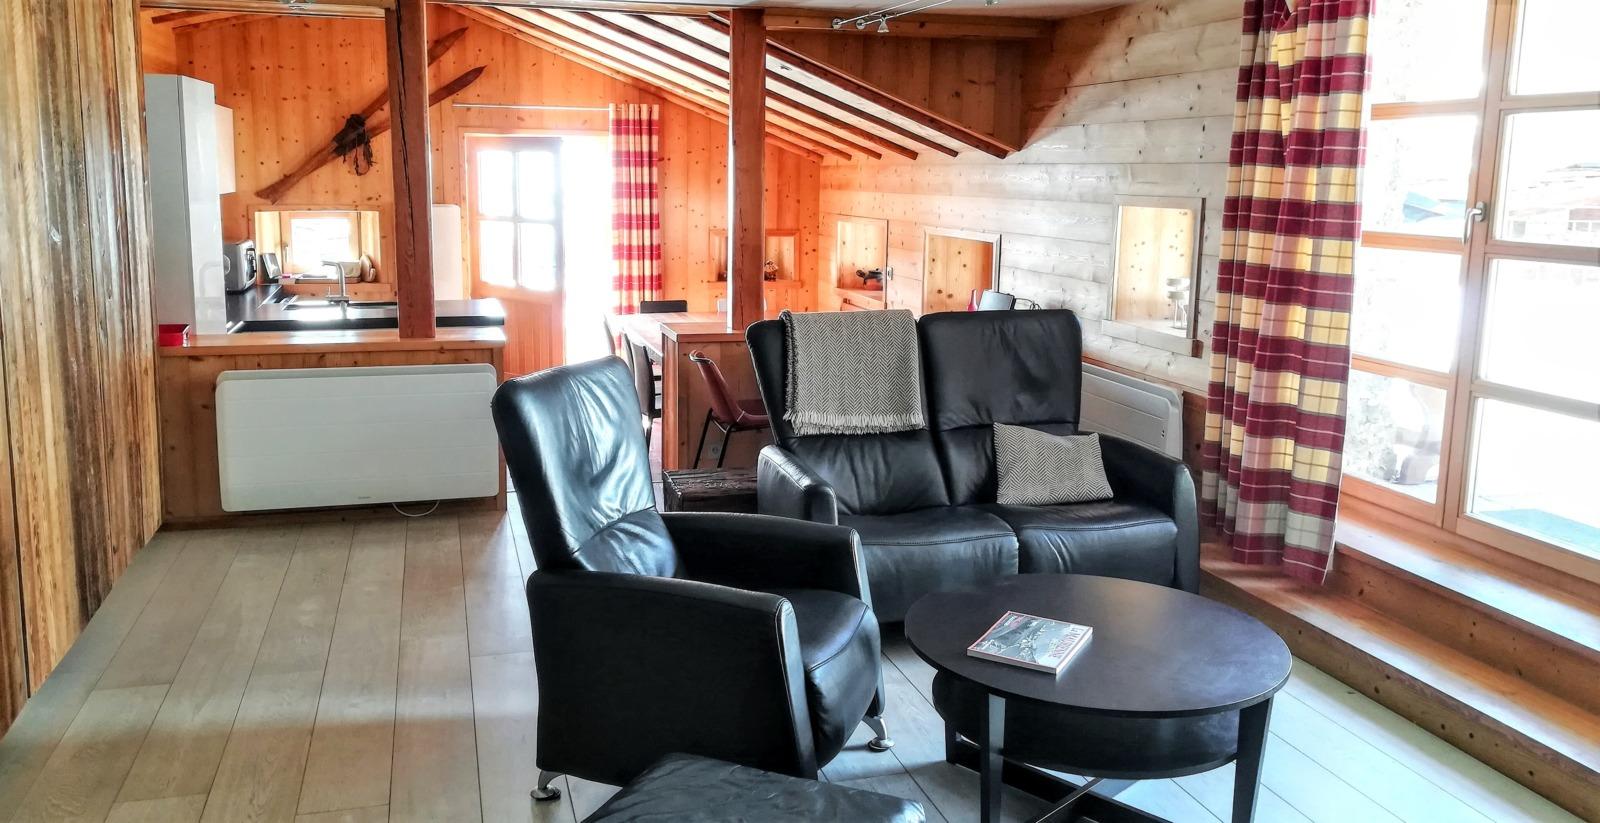 Un canapé, un fauteuil, un pouf, une table basse, deux porte-fenêtres